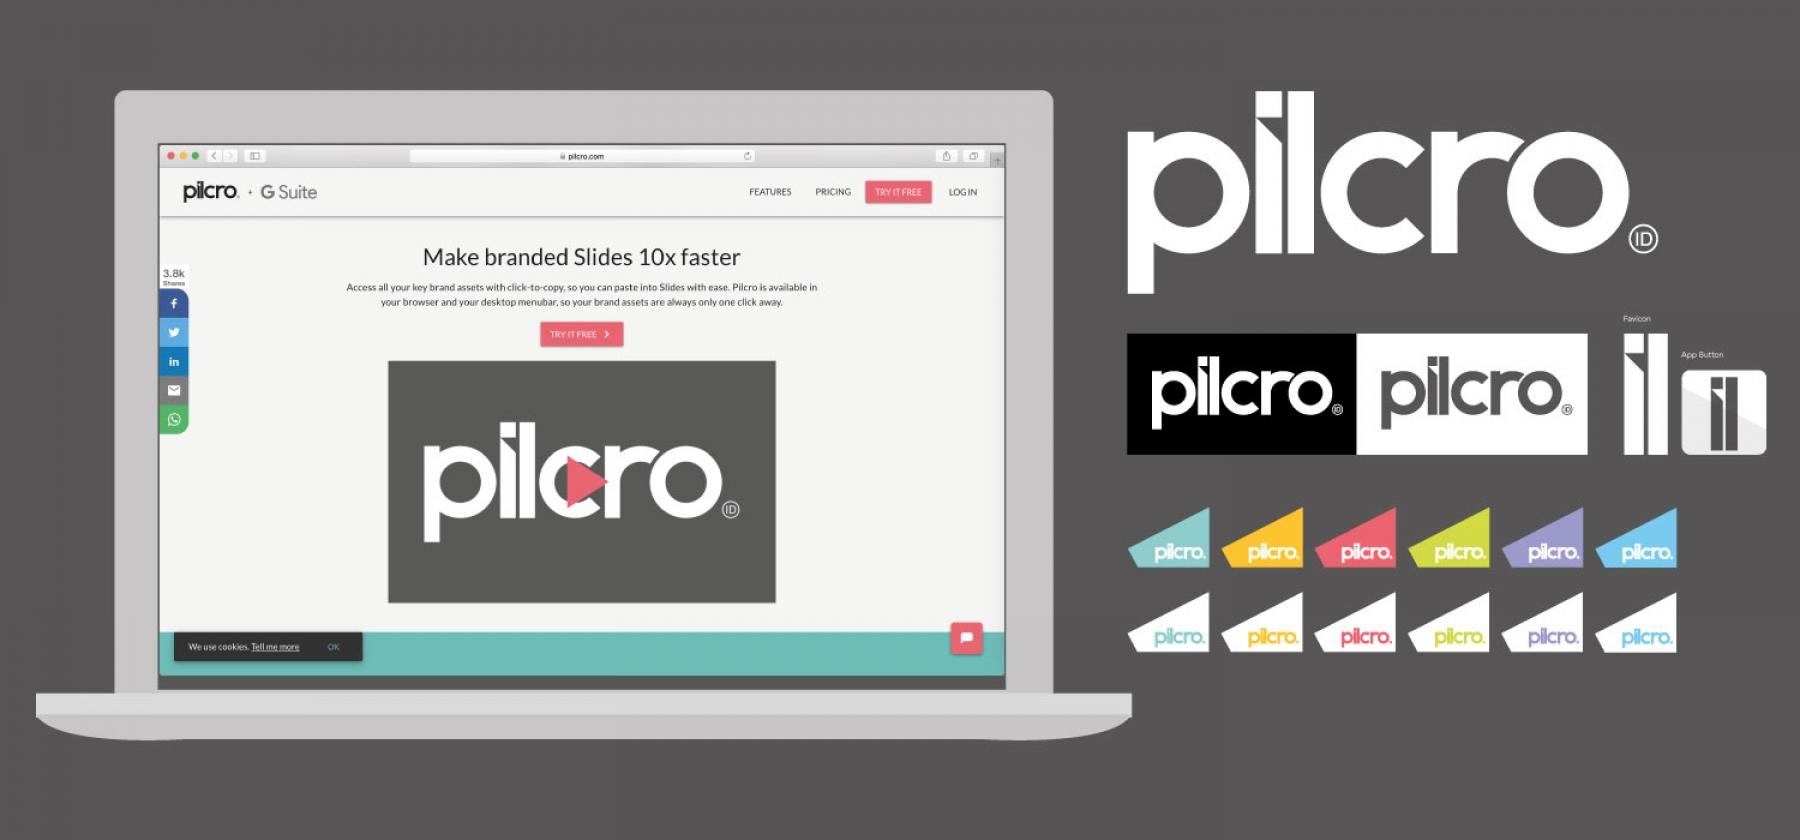 Pilcro_1500x700-3